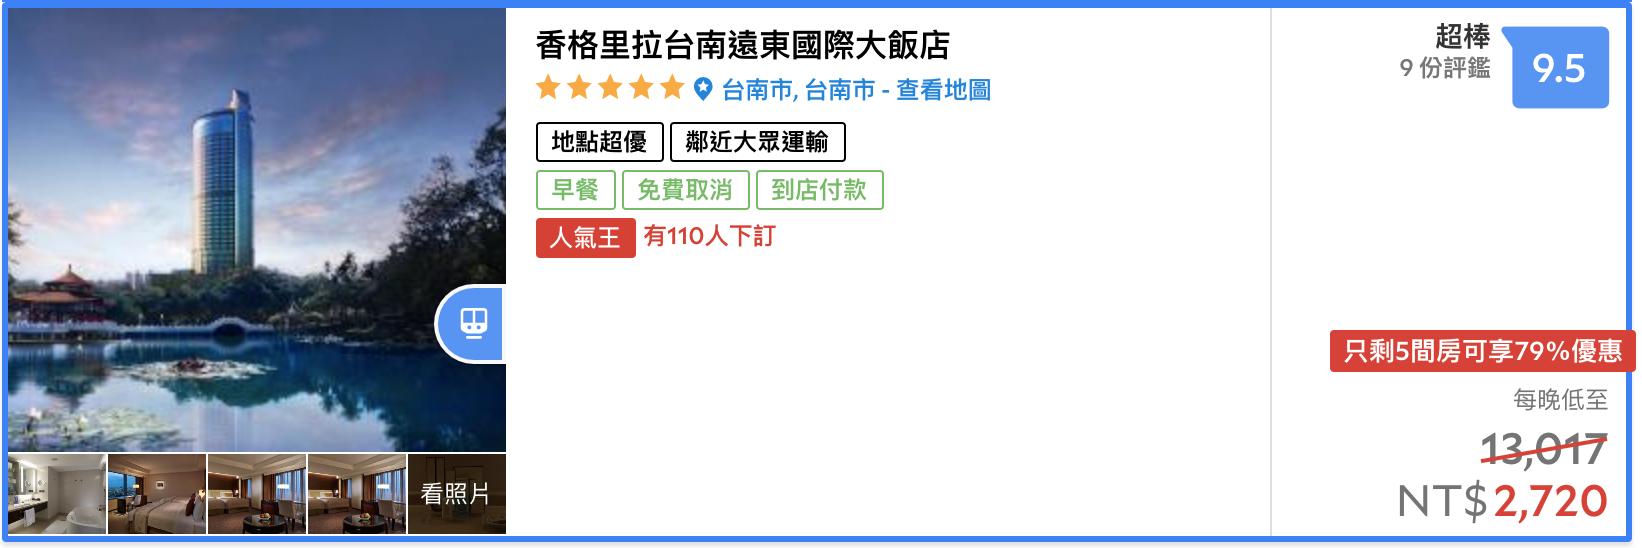 台南遠東香格里拉暖心住房專案延長,3800一直到9/30~其他房價,也可以參考,家庭房2720起~豪華閣客房3825起~